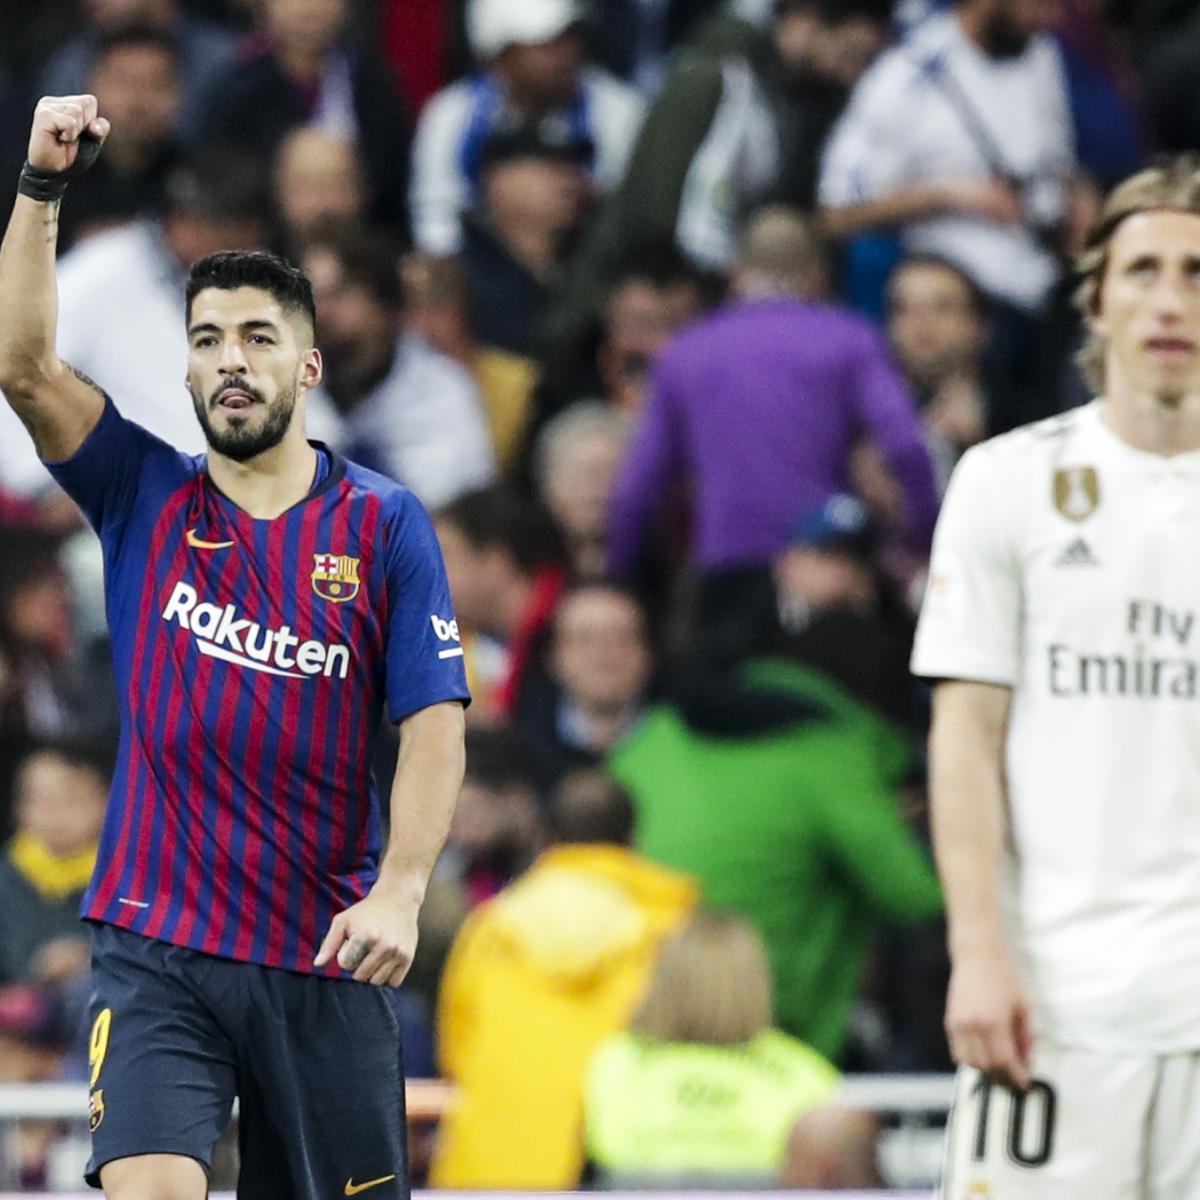 Real Madrid Vs. Barcelona: El Clasico 2019 Odds, Preview